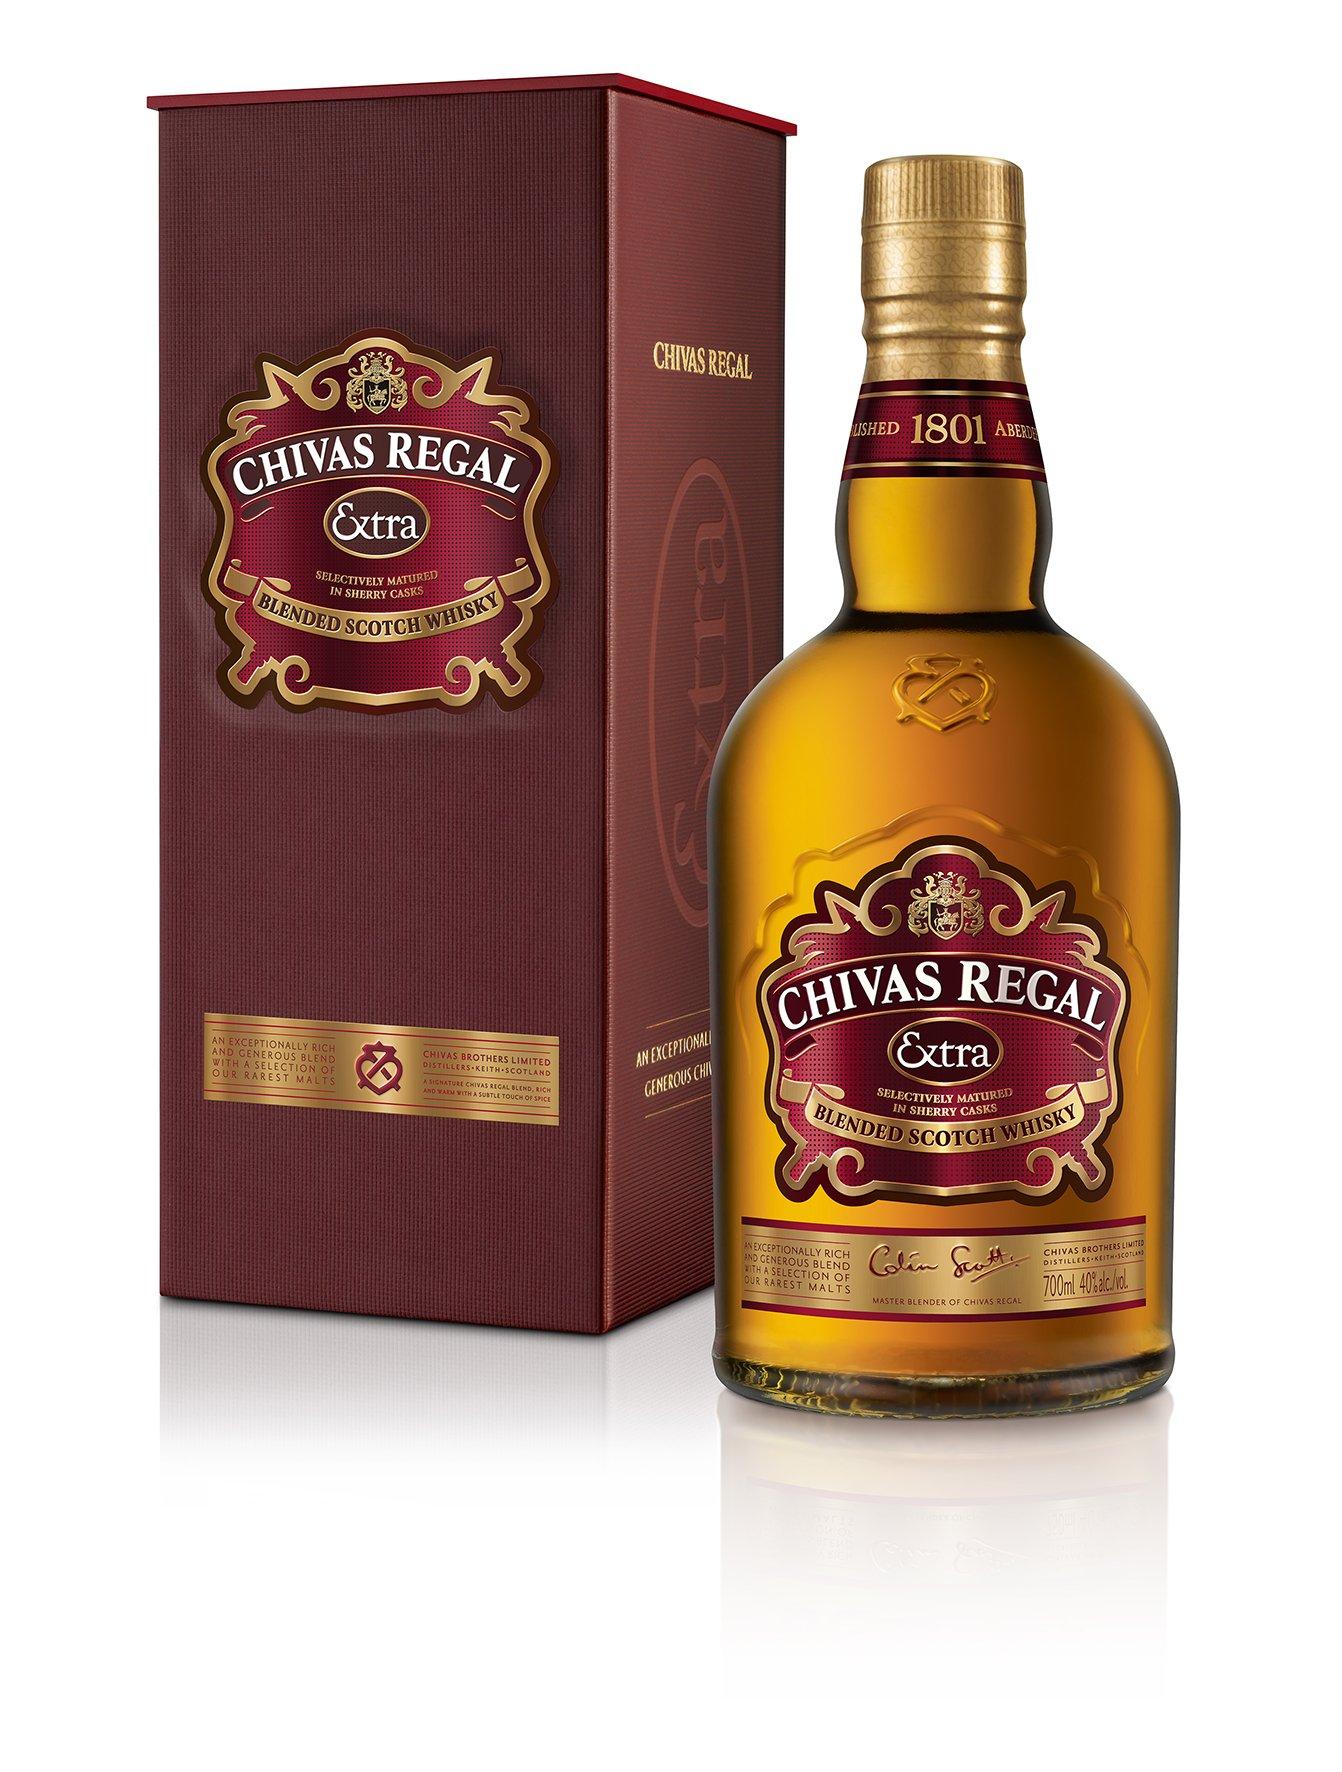 Chivas-Regal-Extra-Blended-Scotch-Whisky-mit-Geschenkverpackung–Edle-Komposition-aus-ausgewhlten-Malt-Grain-Whiskys–Whisky-mit-goldgelber-Farbe-fruchtig-sem-Geschmack–1-x-07-L